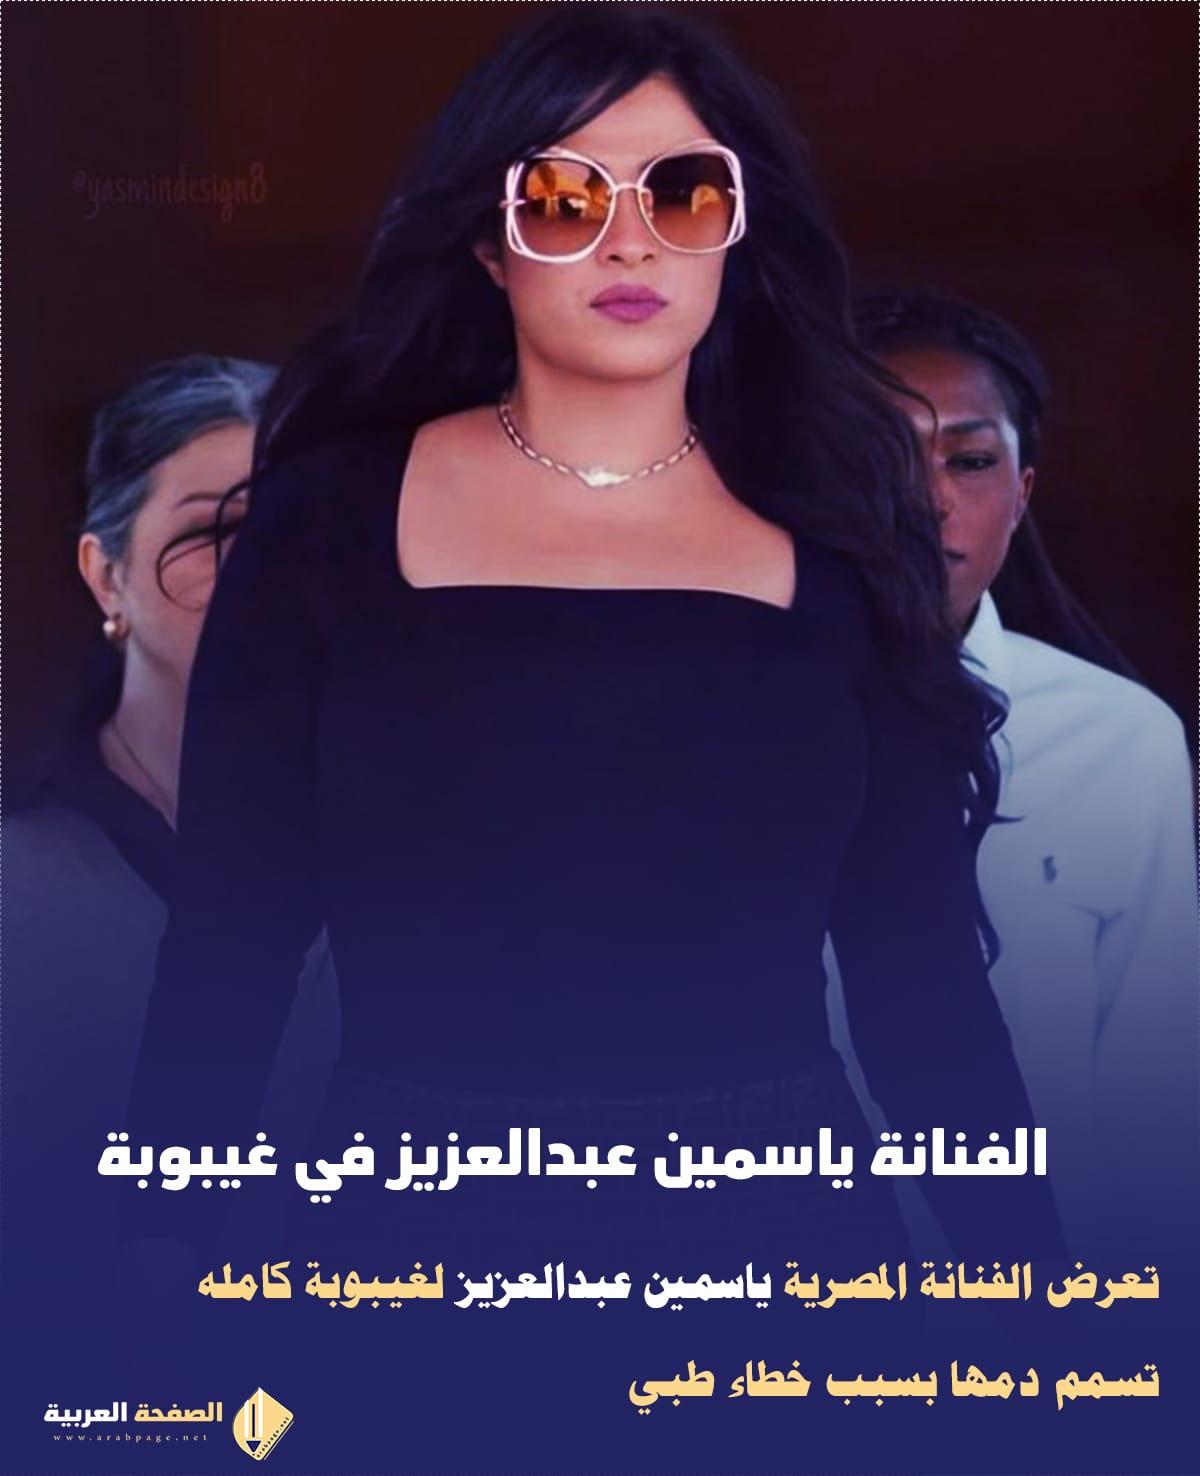 حقيقة وفاة ياسمين عبدالعزيز ماهو سبب مرض الفنانة ياسمين عبدالعزيز